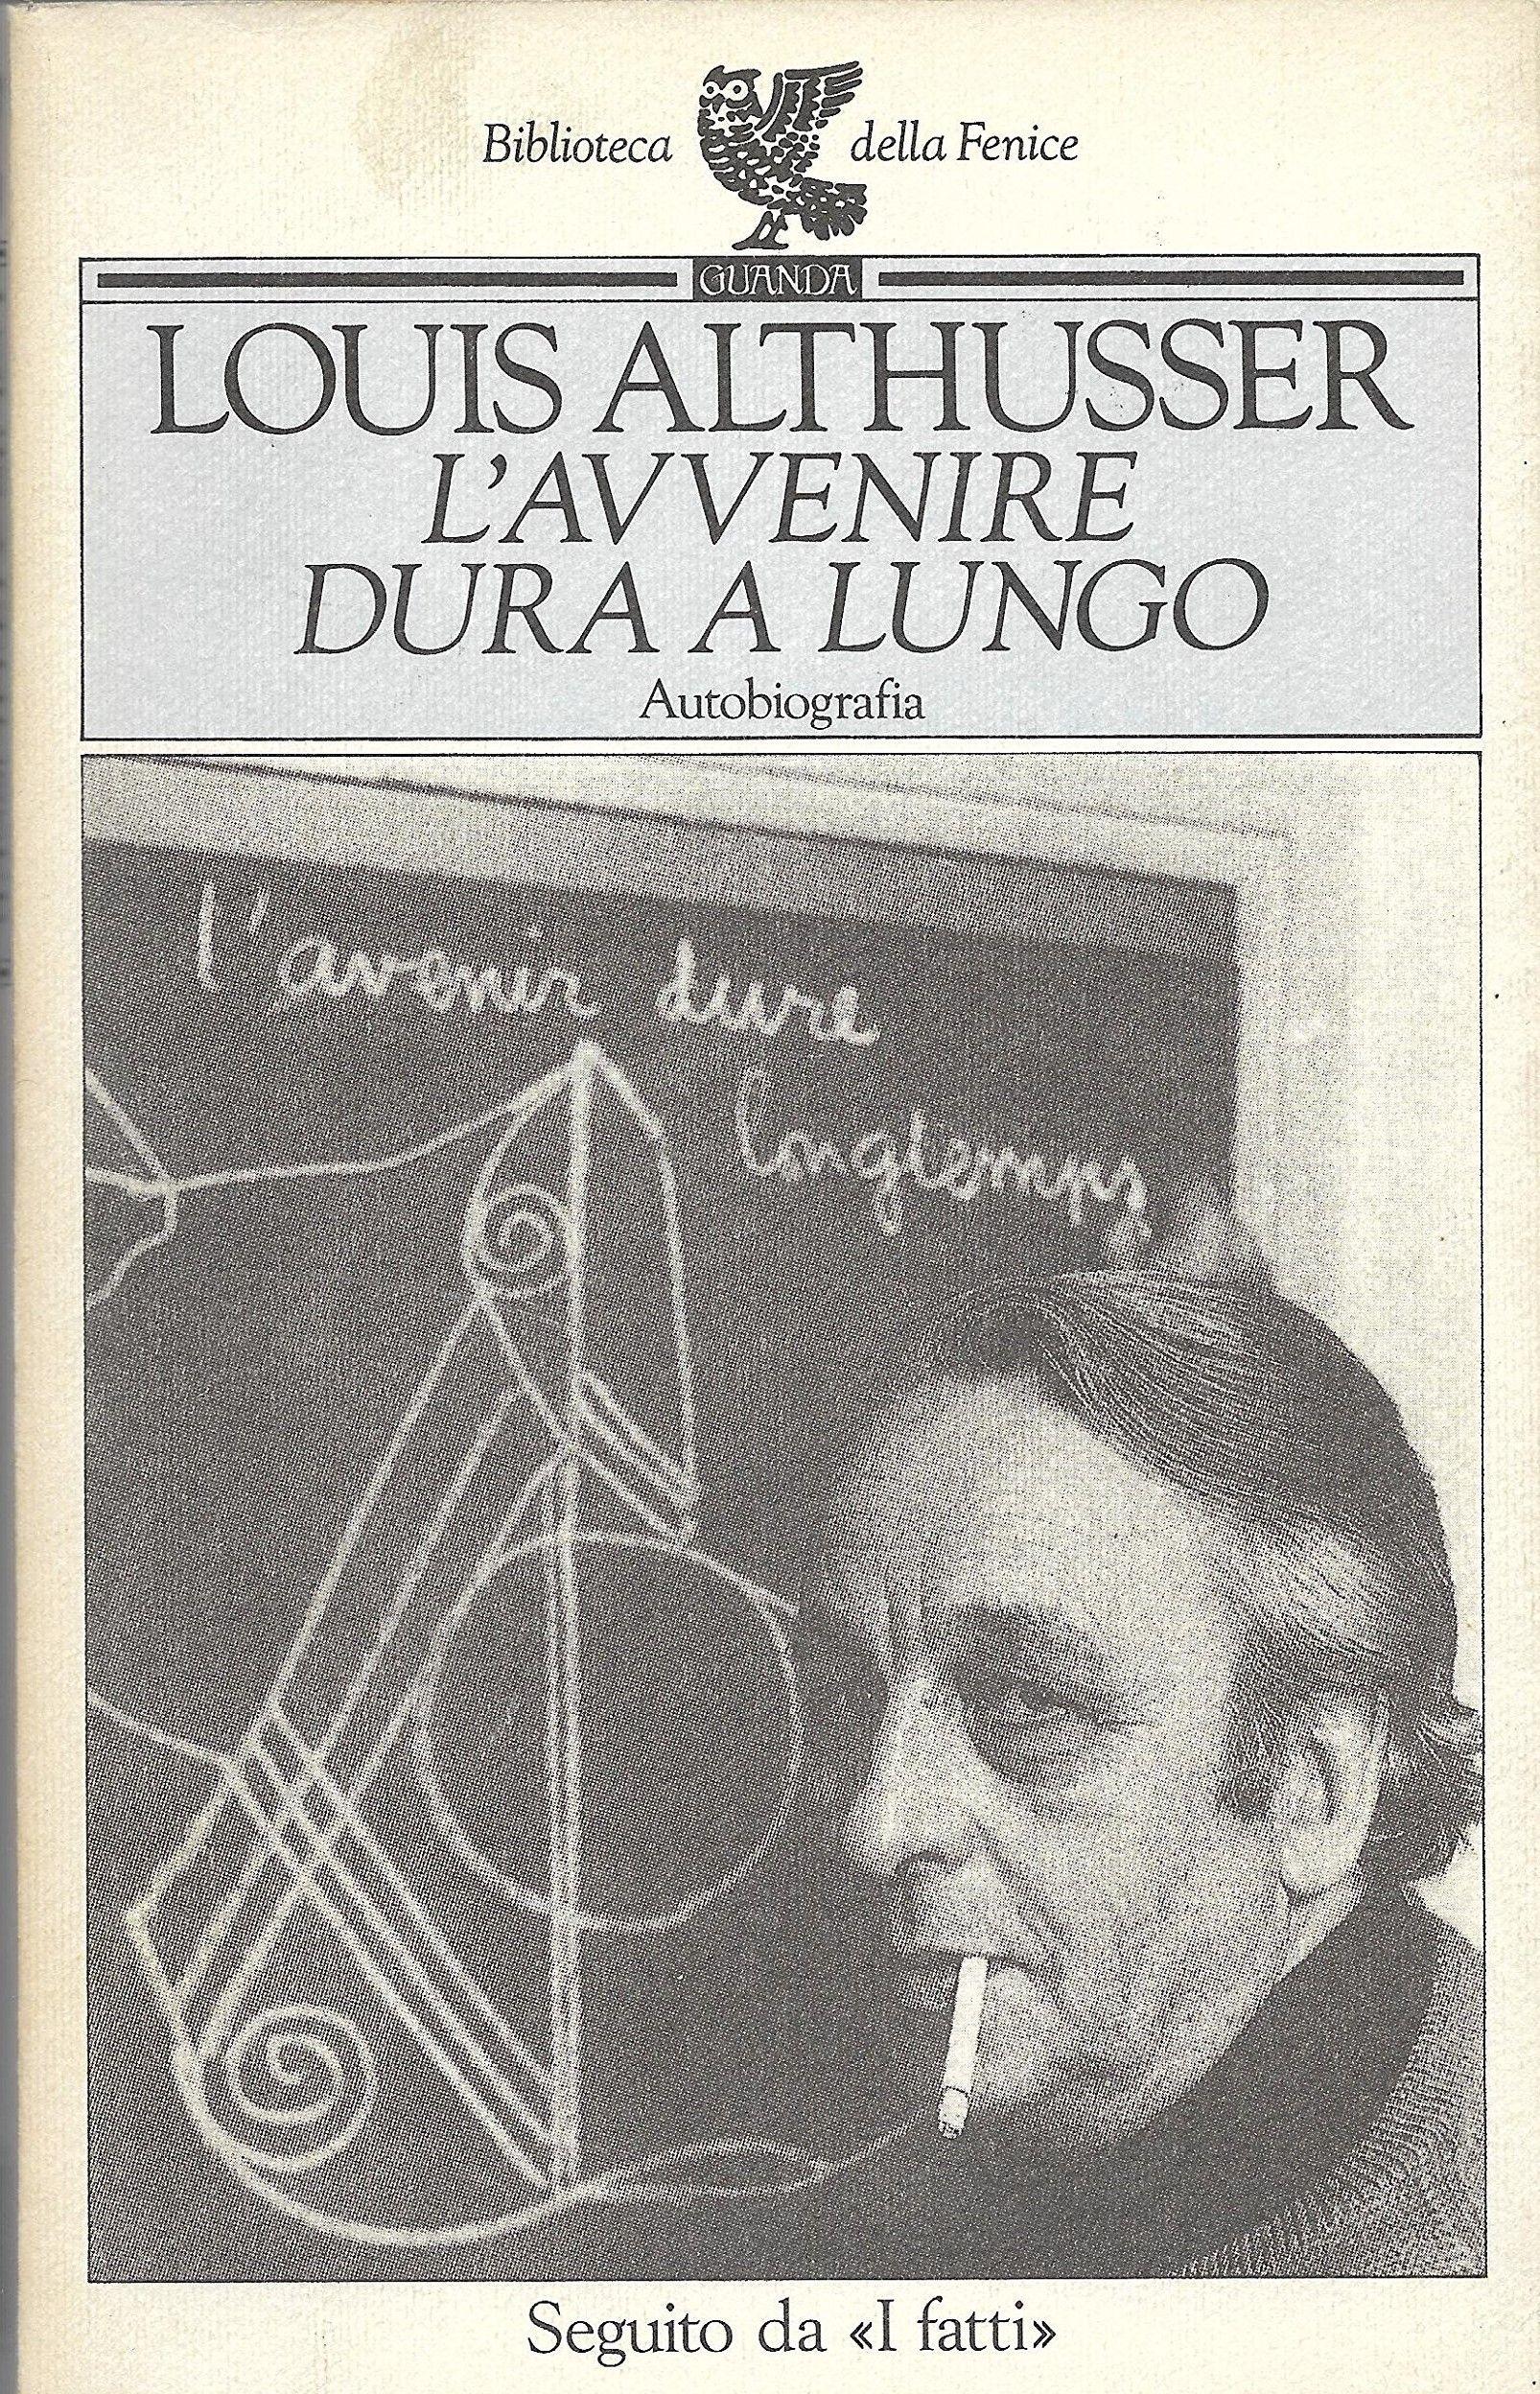 L'autobiografia di Louis Althusser: filosofo, omicida, genio poliglotta e malato di mente